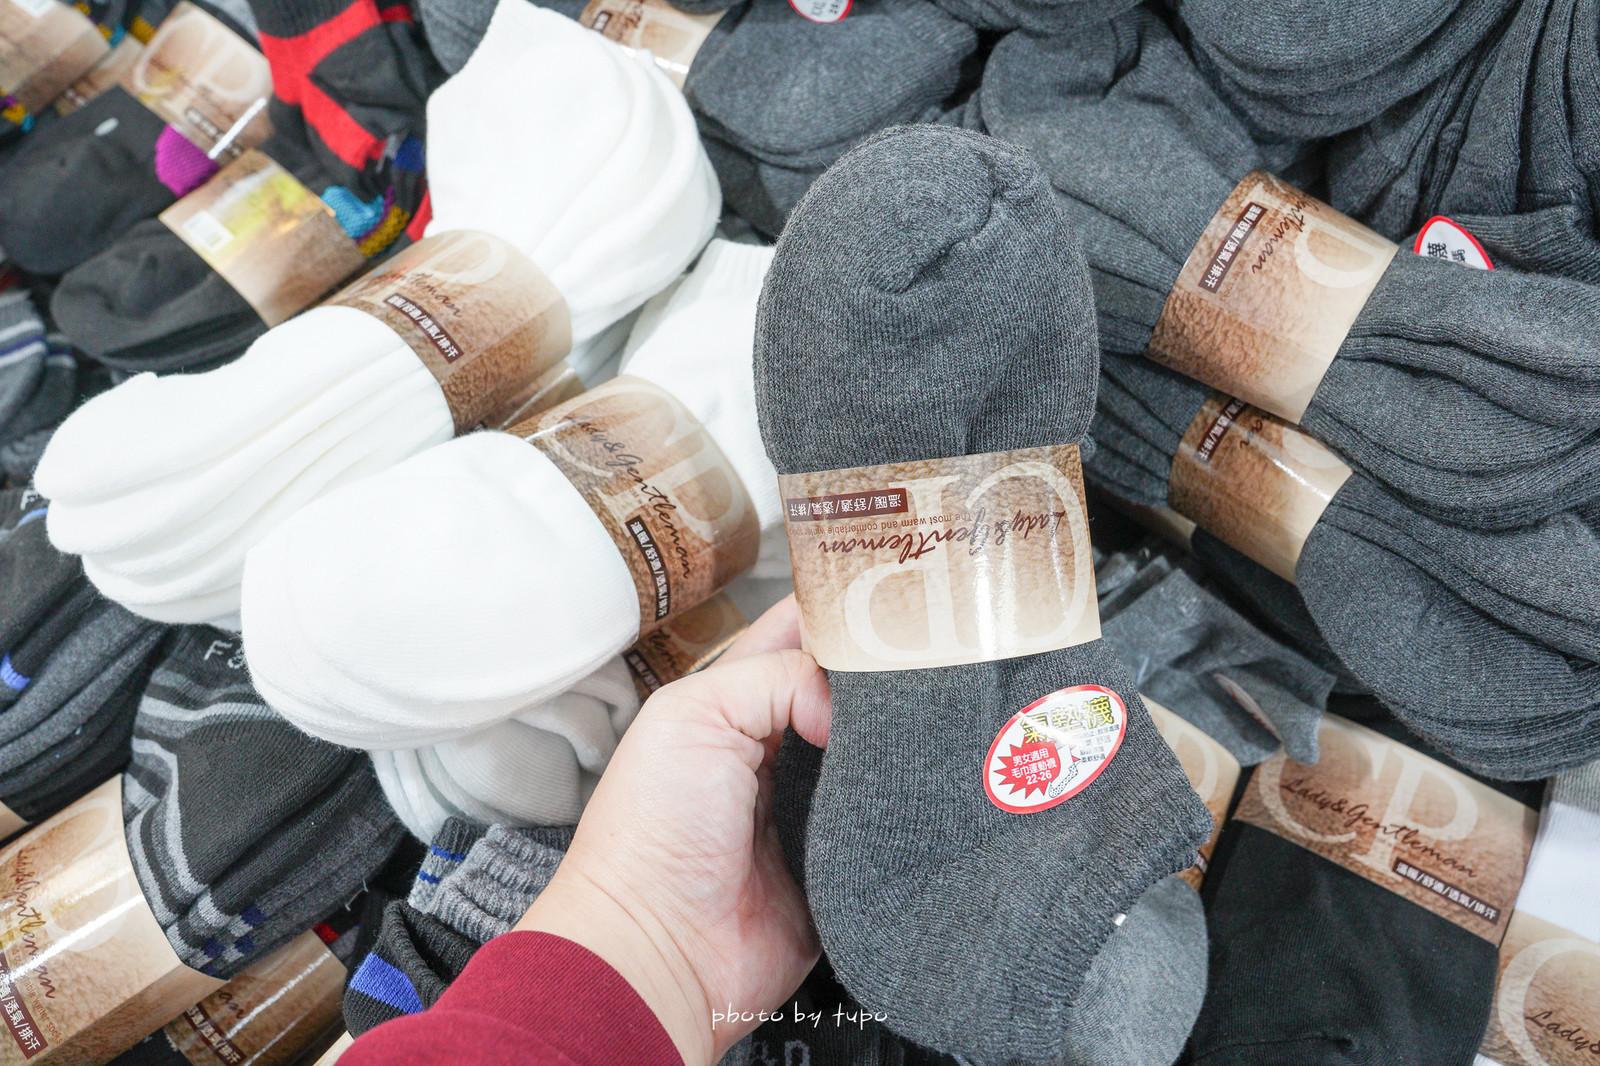 新北中和》超好逛U虎聯合特賣,僅此一檔:運動品牌、寢具、戶外登山鞋、犀牛運動服飾、日用五金百貨39元起!